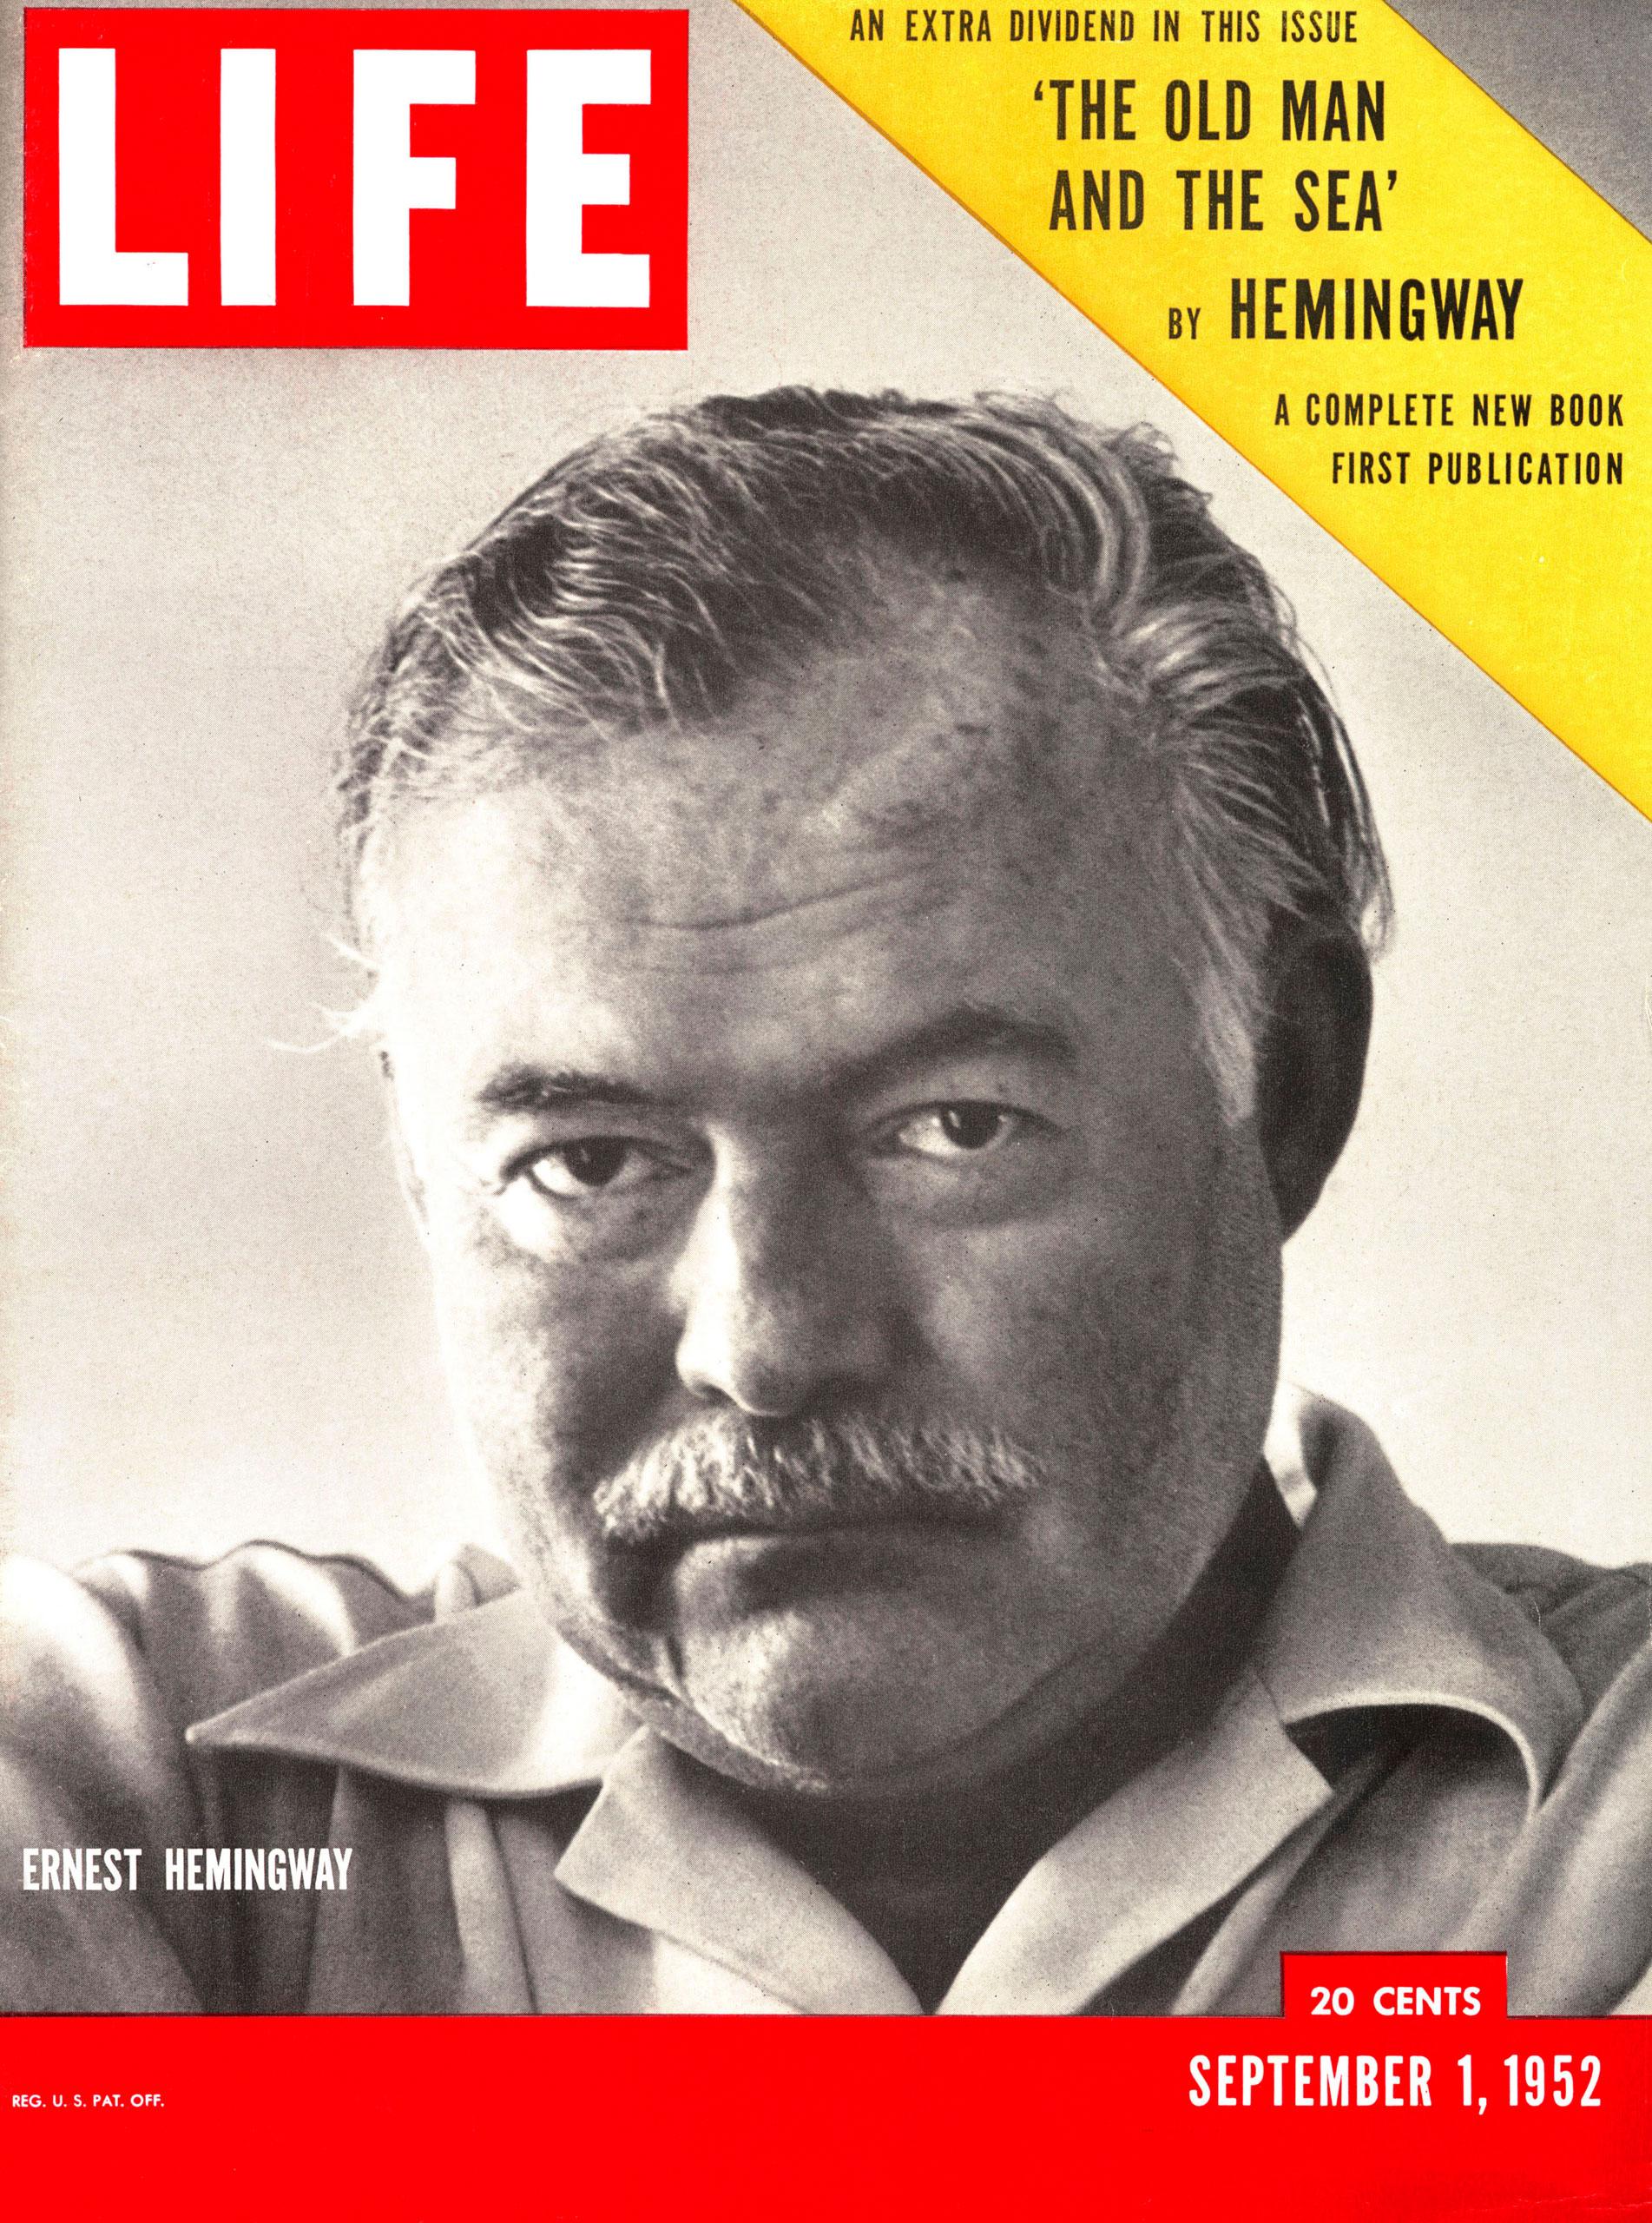 Ernest Hemingway LIFE Magazine cover, September 1, 1952.